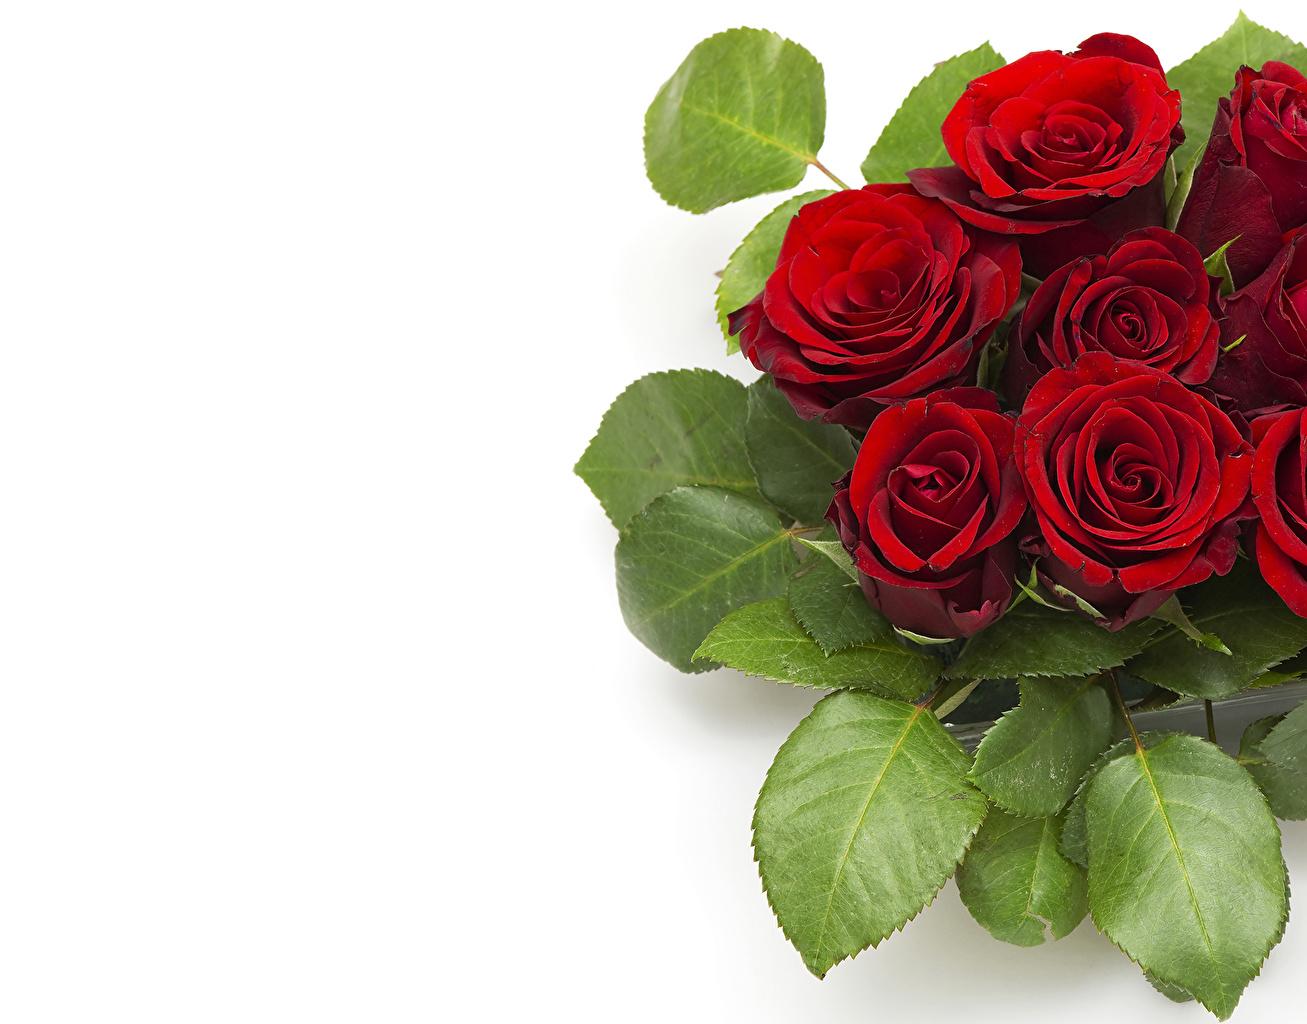 Обои для рабочего стола Розы темно красный Цветы роза бордовая бордовые Бордовый цветок